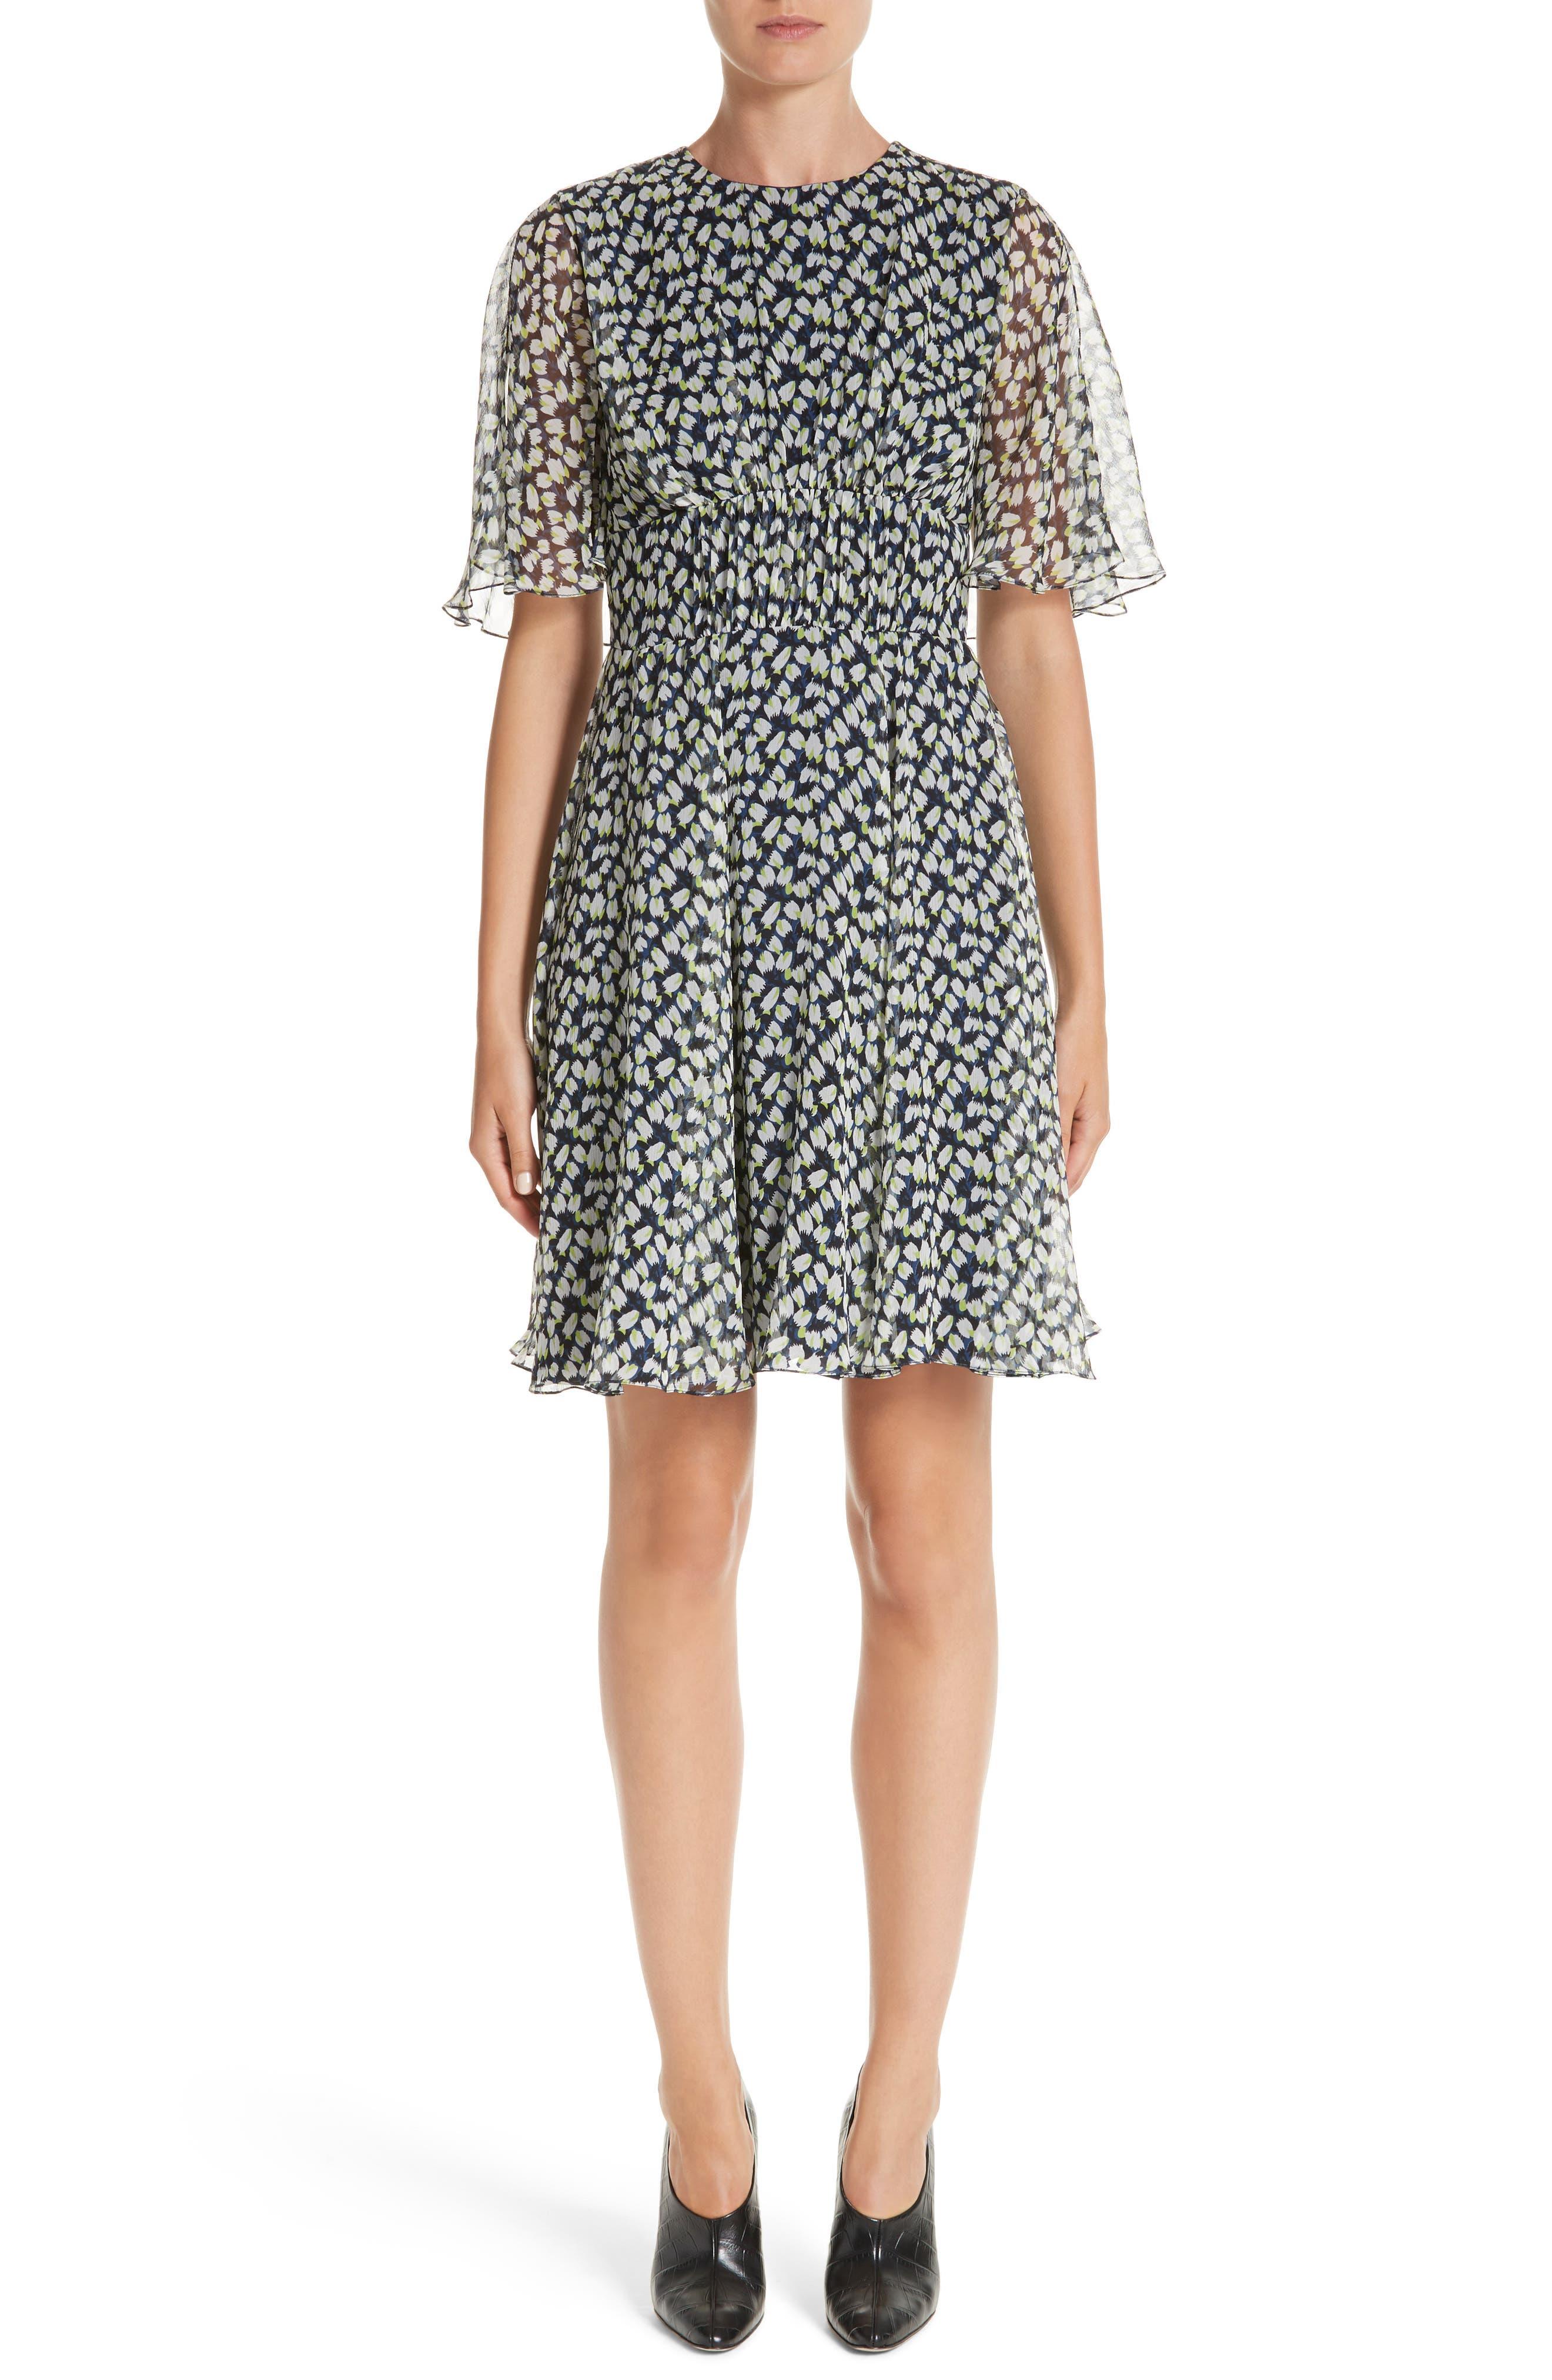 Alternate Image 1 Selected - Jason Wu Print Silk Chiffon Day Dress